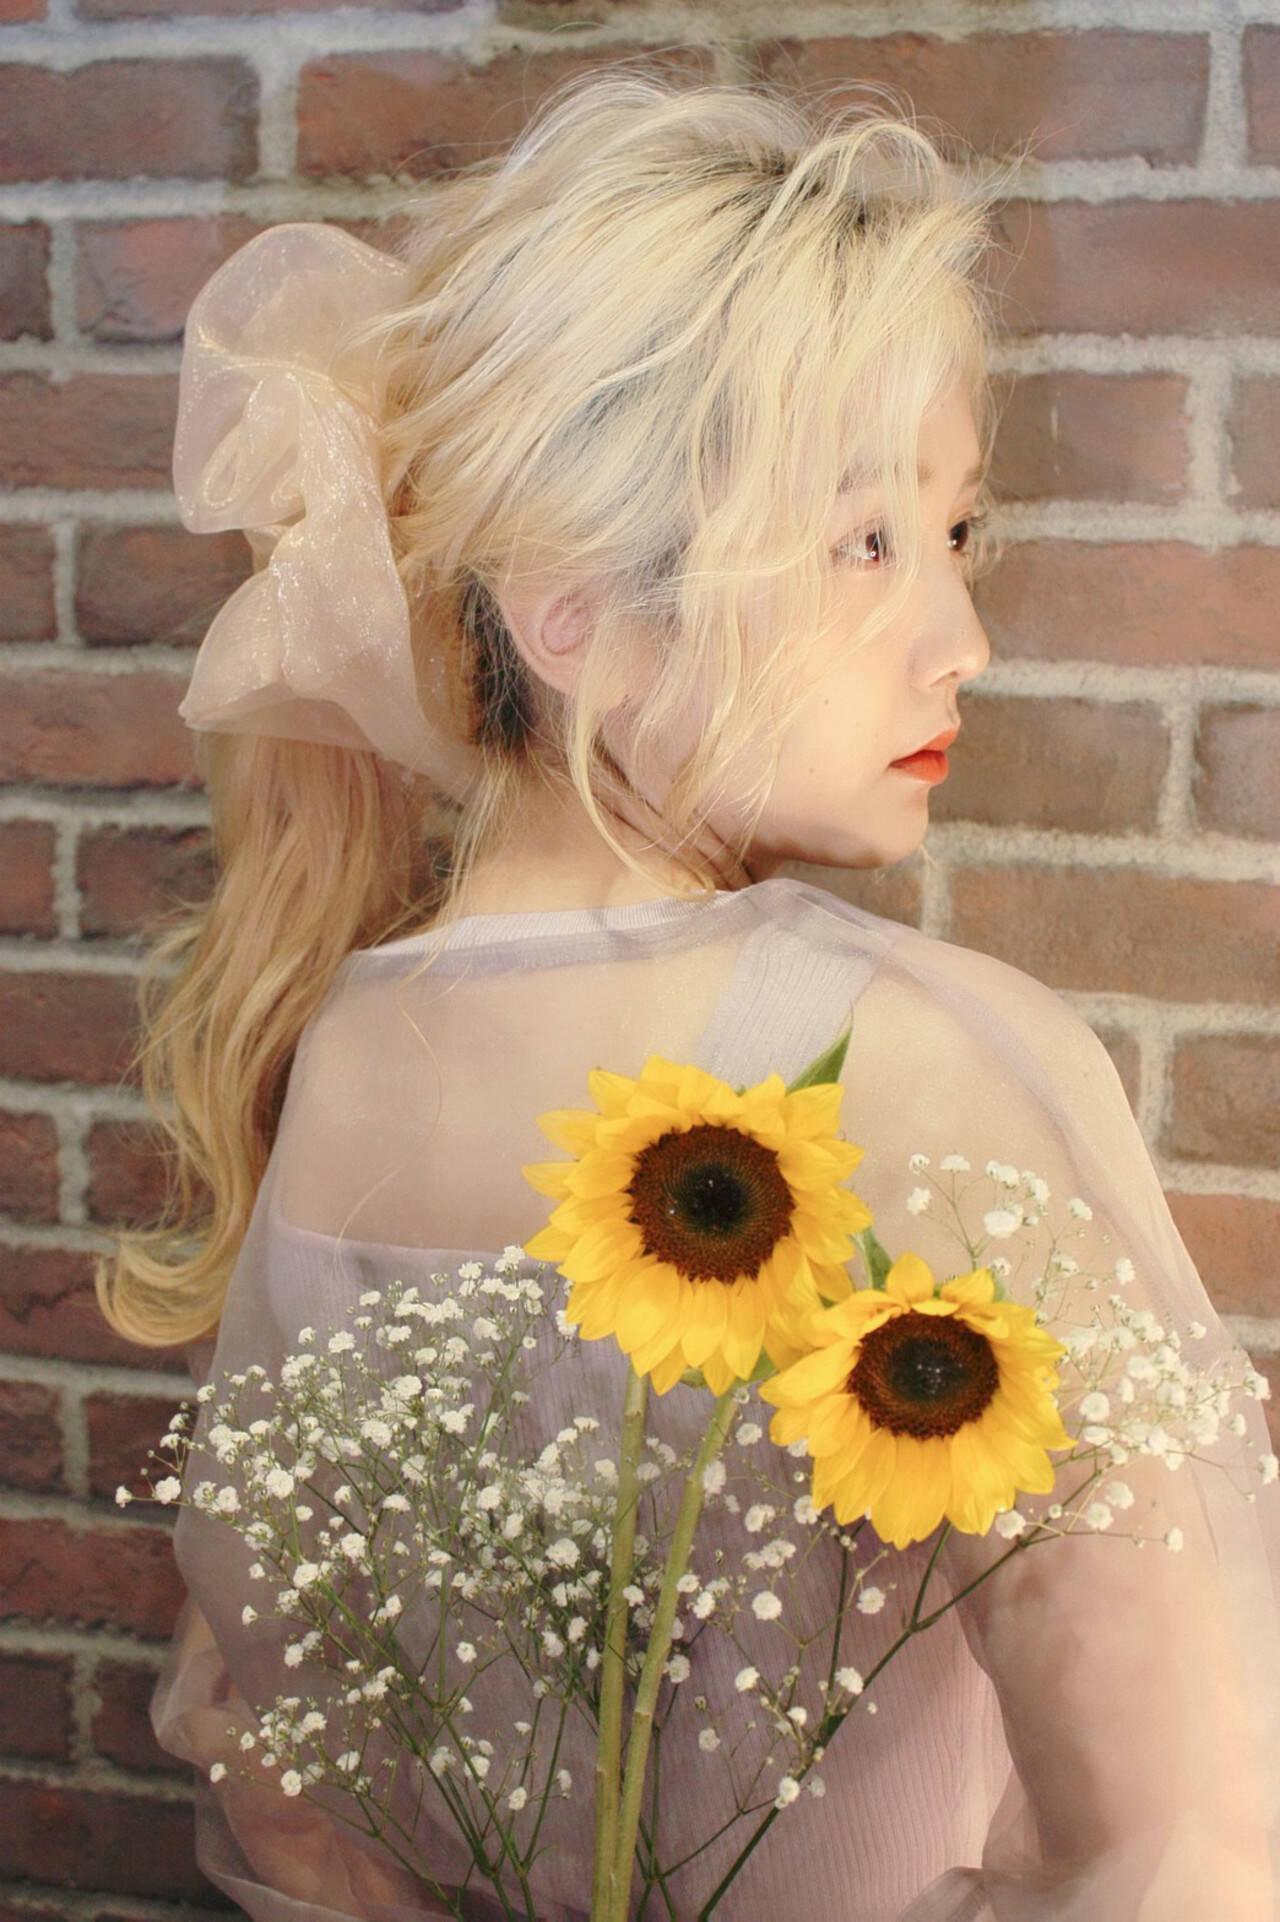 ロング ハイトーン ハイトーンカラー ふわふわヘアアレンジヘアスタイルや髪型の写真・画像